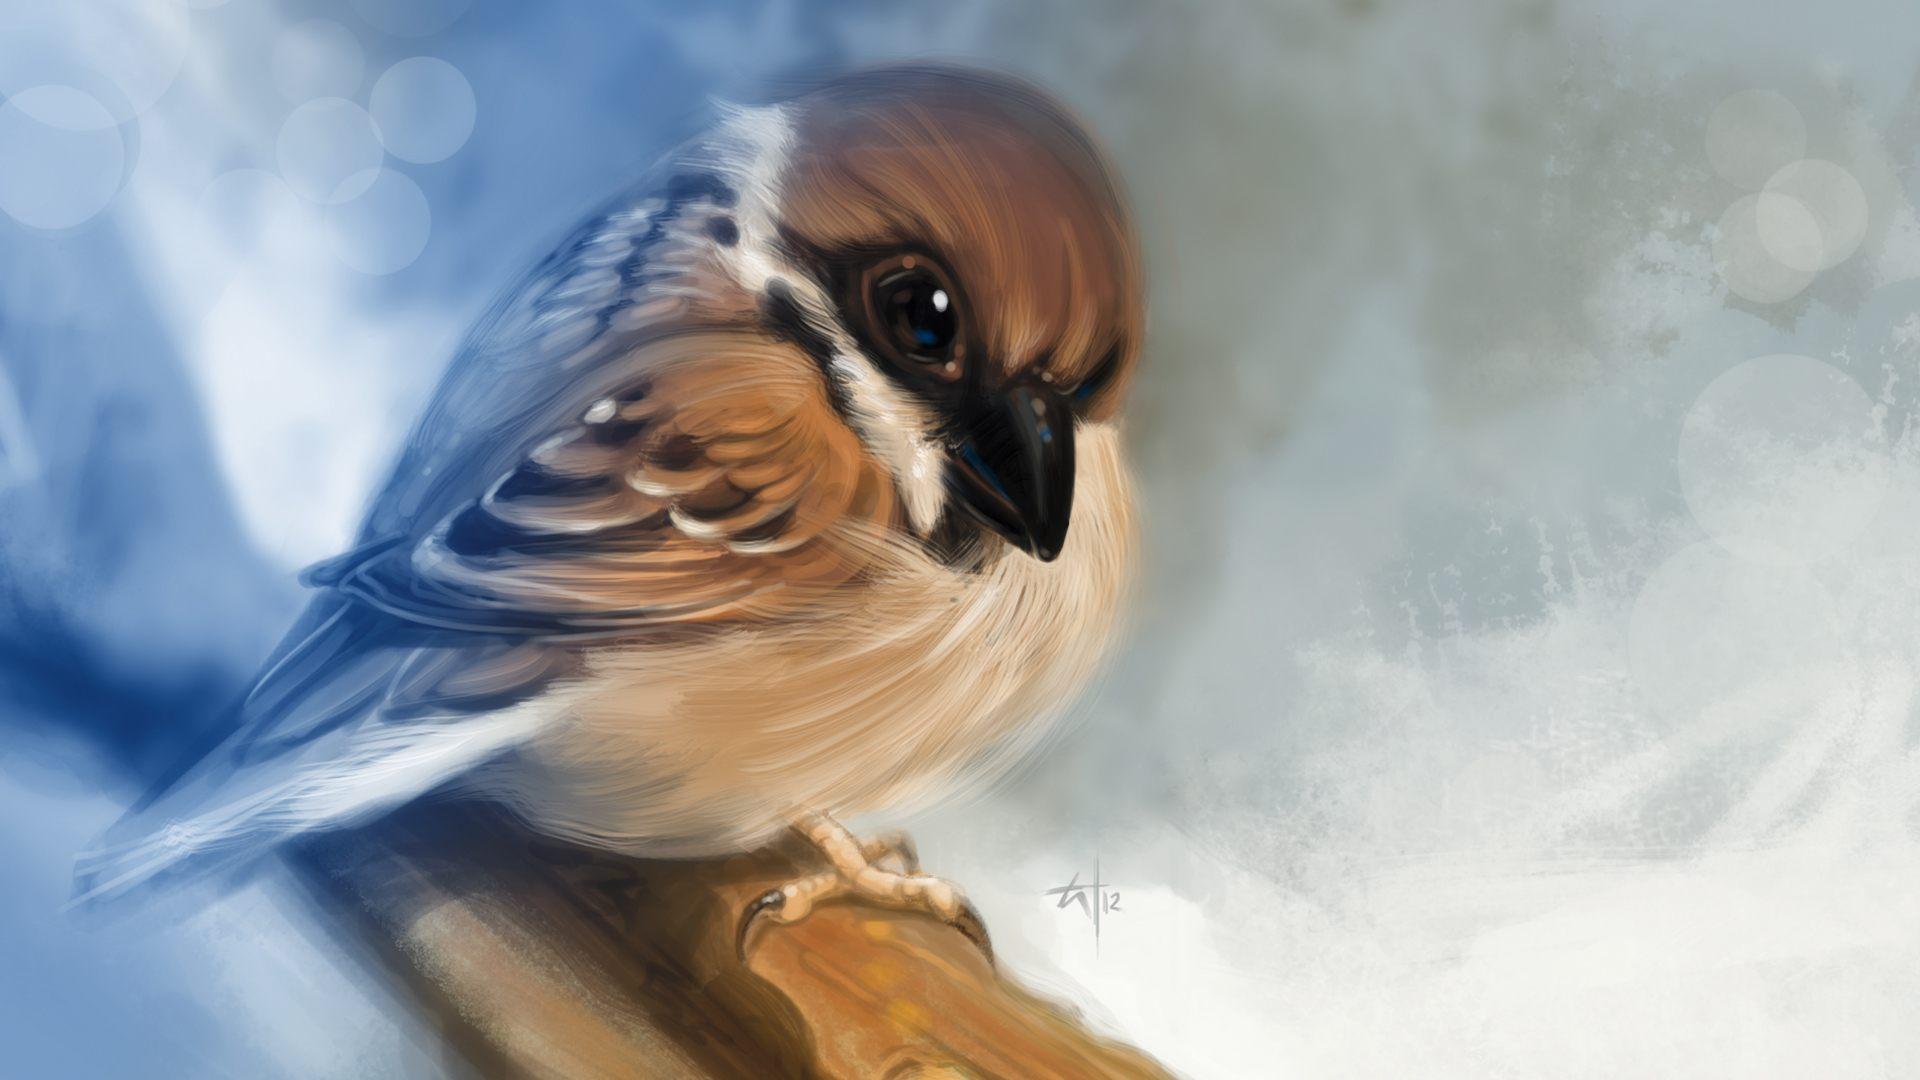 птица с распутившимися крыльями в хорошем качестве